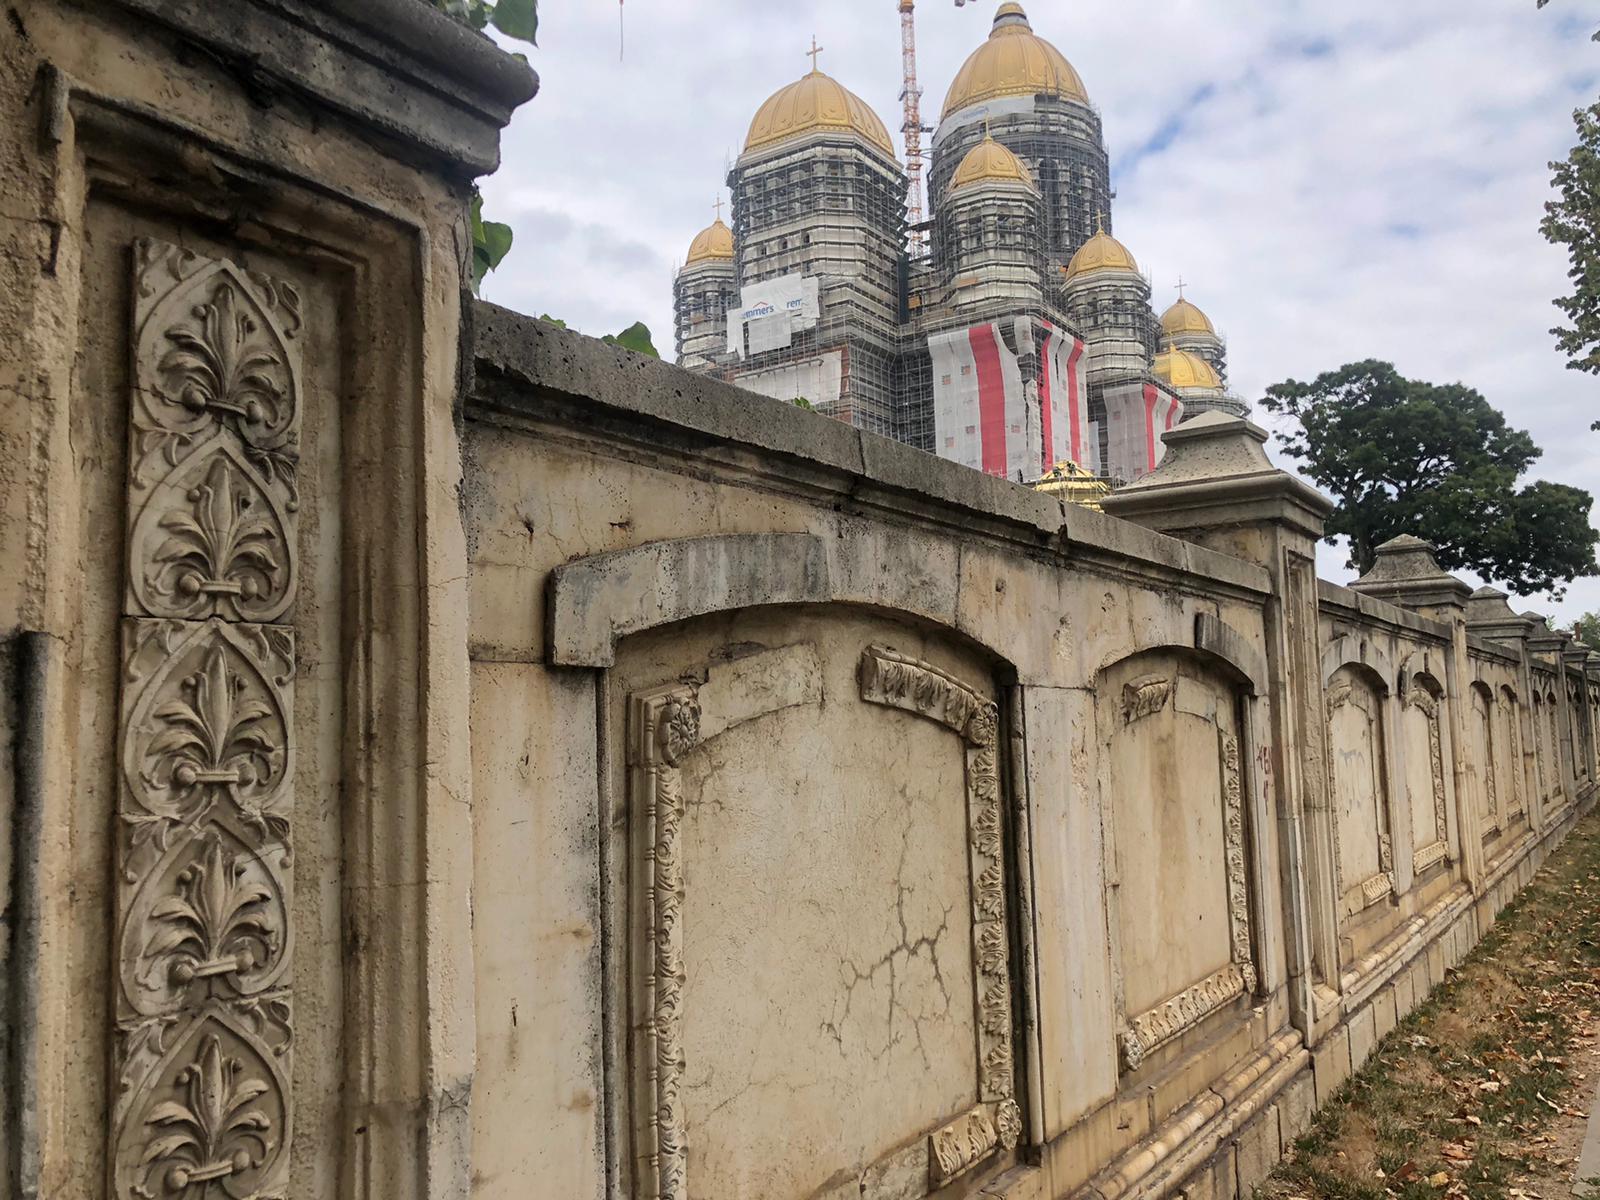 Se fură într-o veselie din gardul Casei Poporului din București. Și, la urma urmelor, al cărui popor e Casa Poporului?